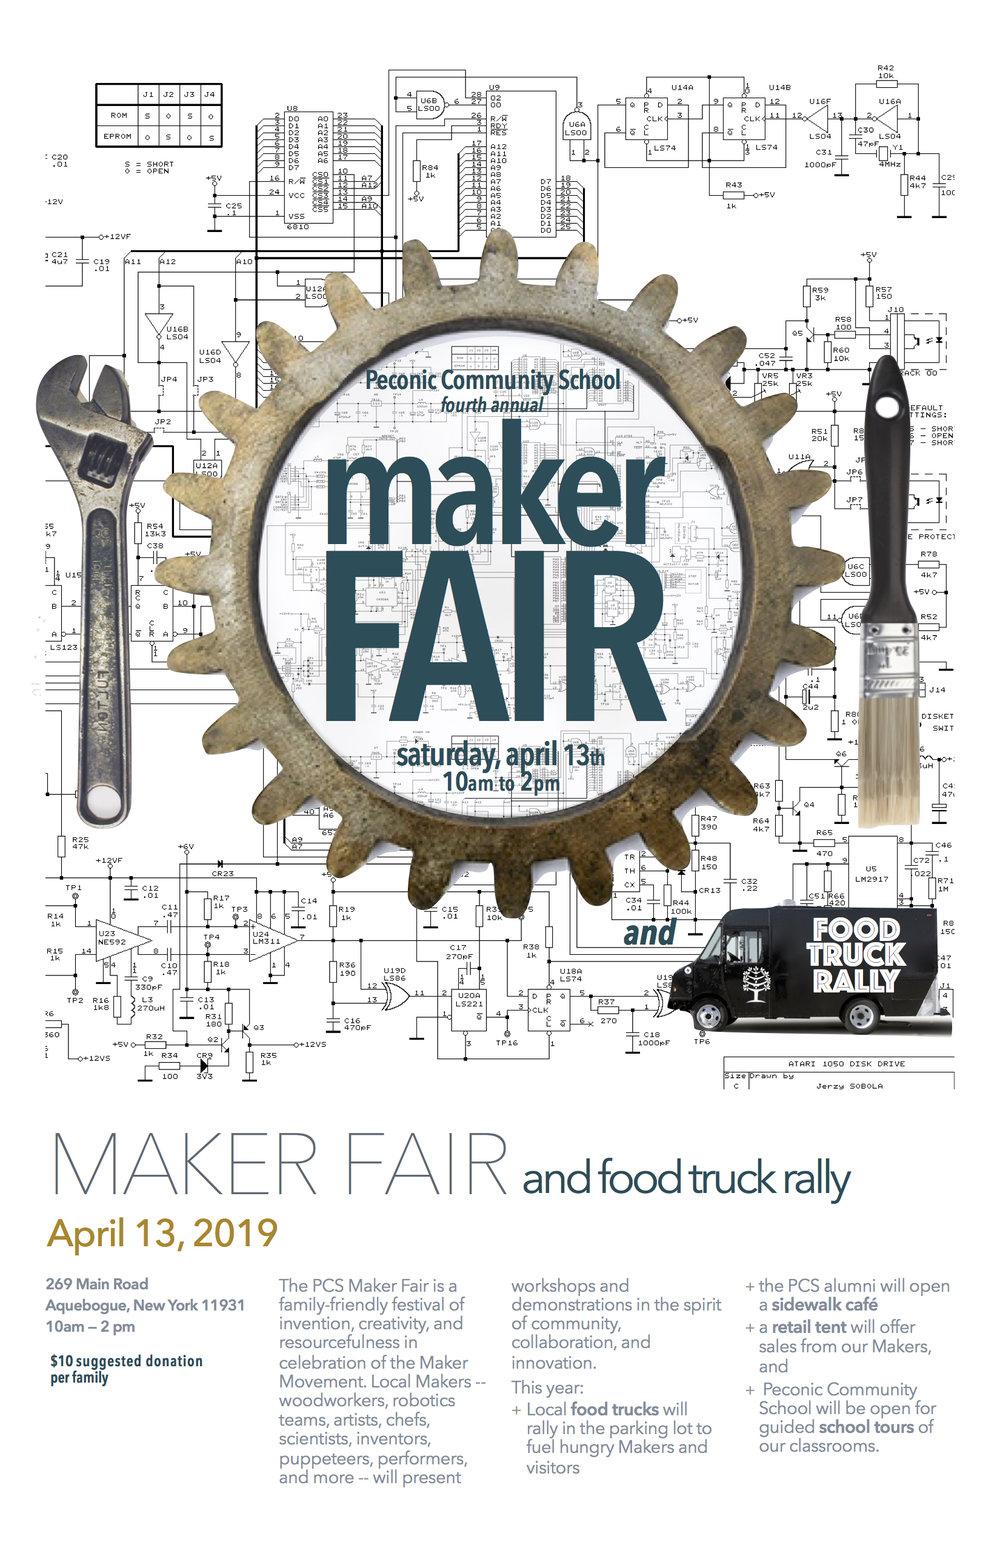 maker fair 2019 full poster JPEG.jpg